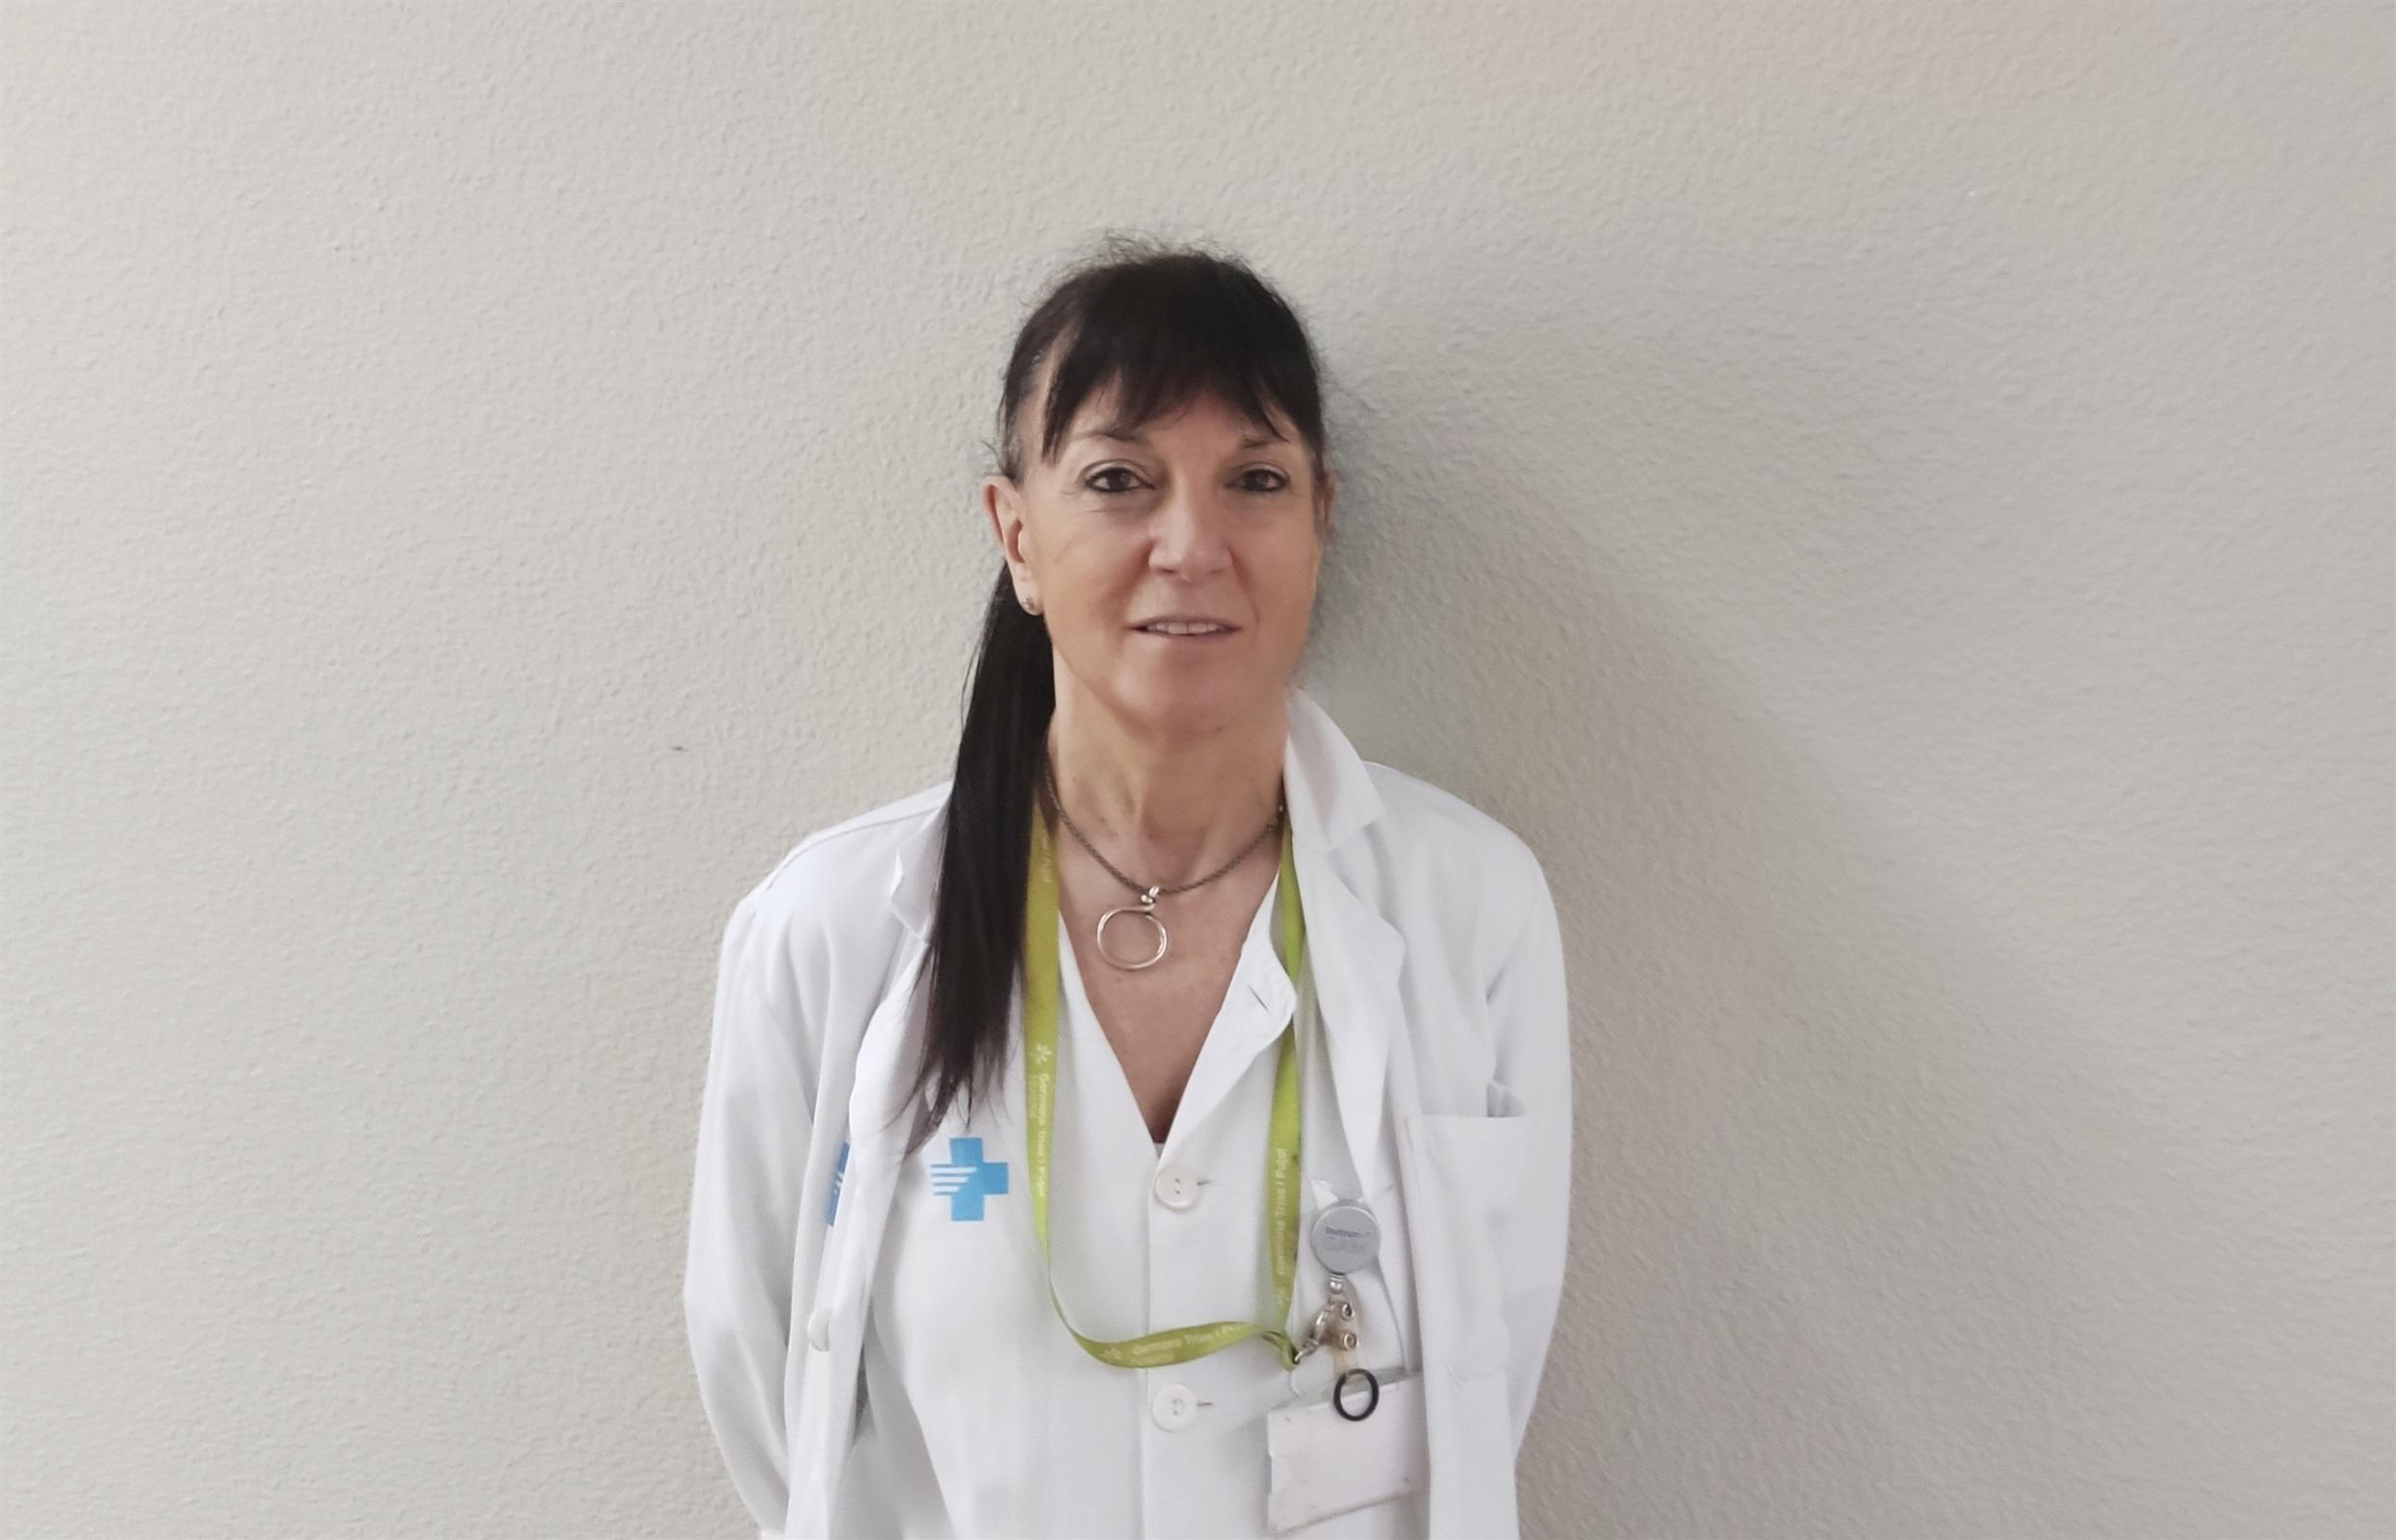 """Chelo Villanueva: """"Una infermera pot estar capacitada per la funció de demanar òrgans"""""""